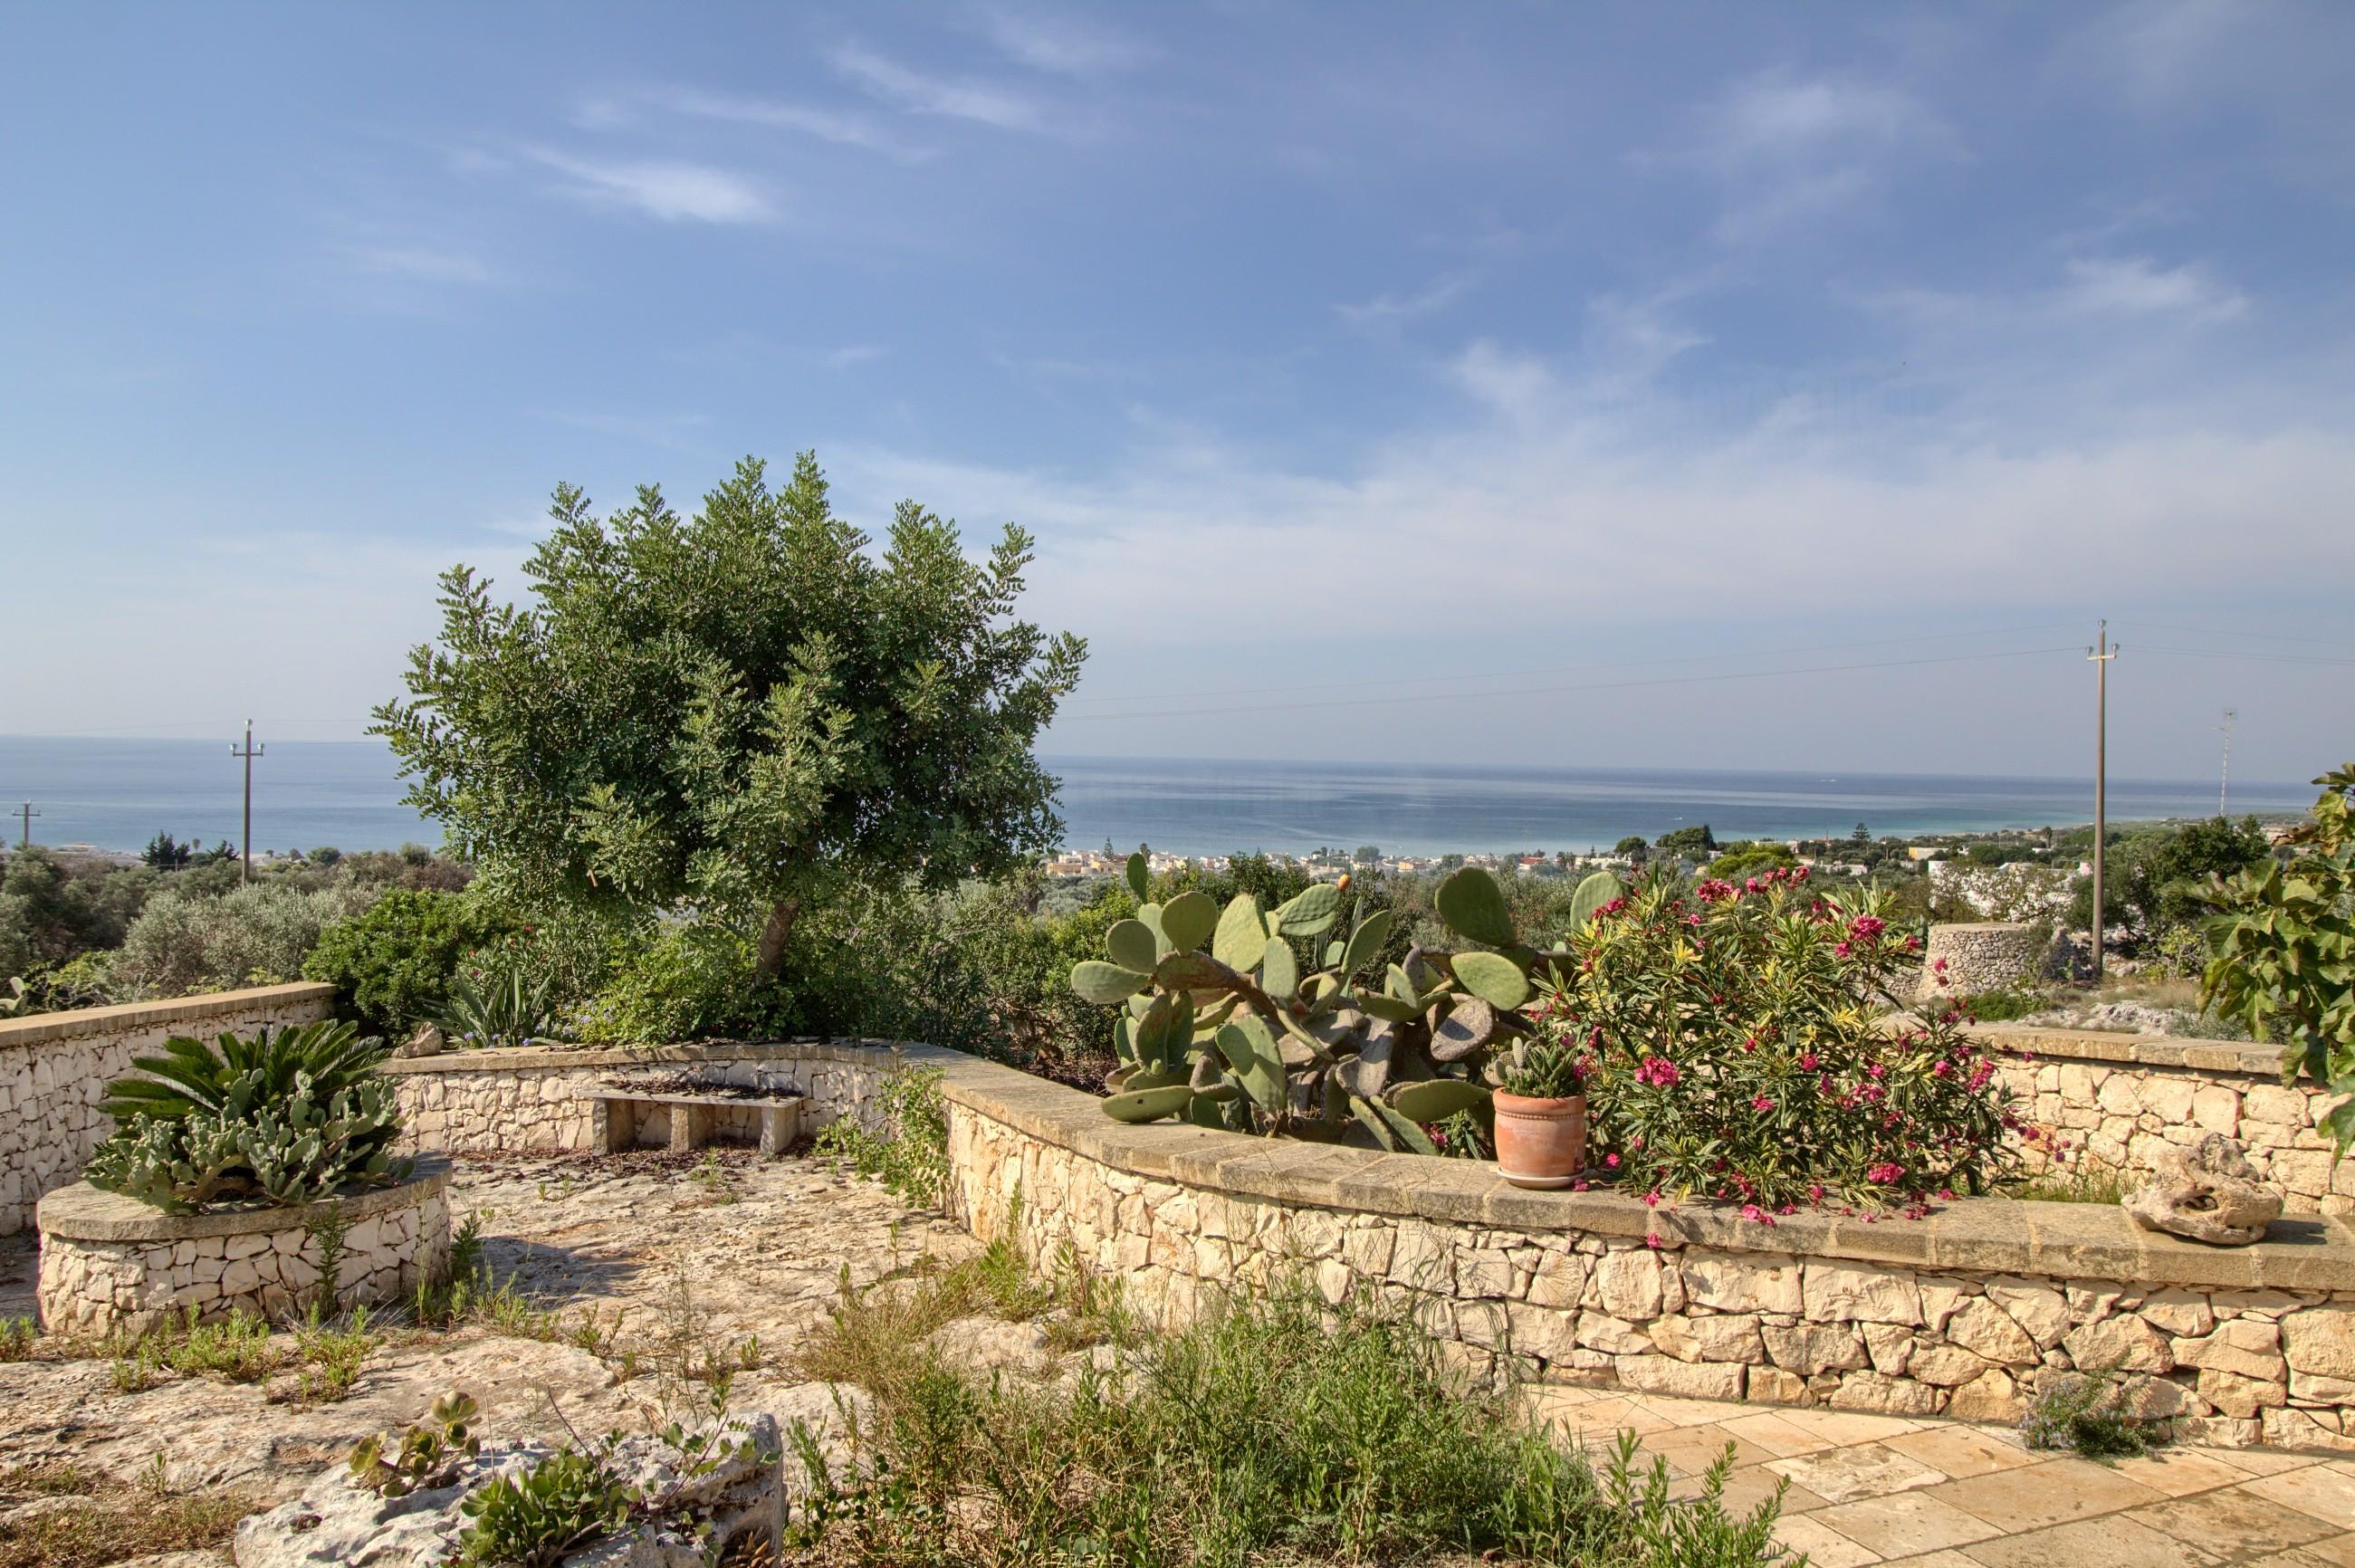 Grazia lovely seaview Pescoluse photo 20224789